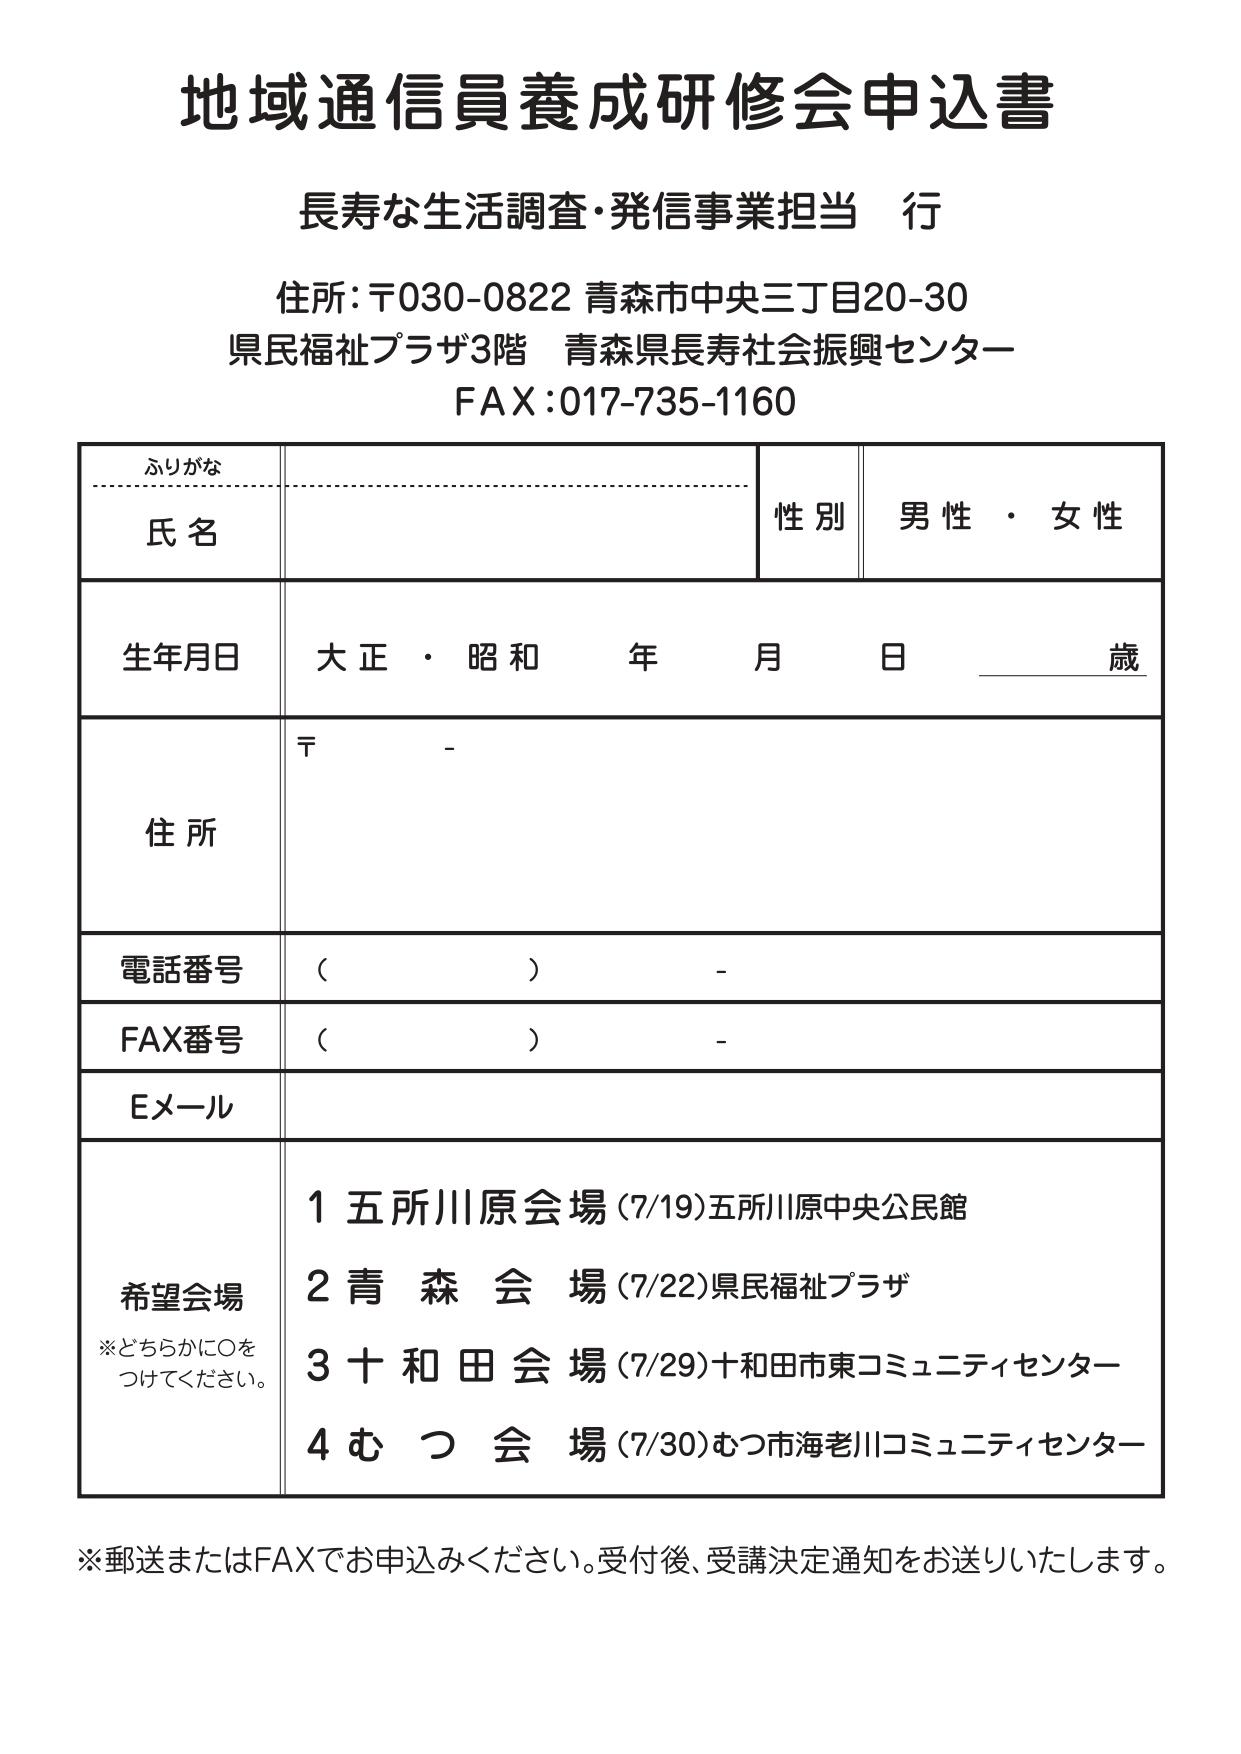 地域通信員(シニアライター)養成研修会、受講者募集中!_d0366509_11363682.jpg